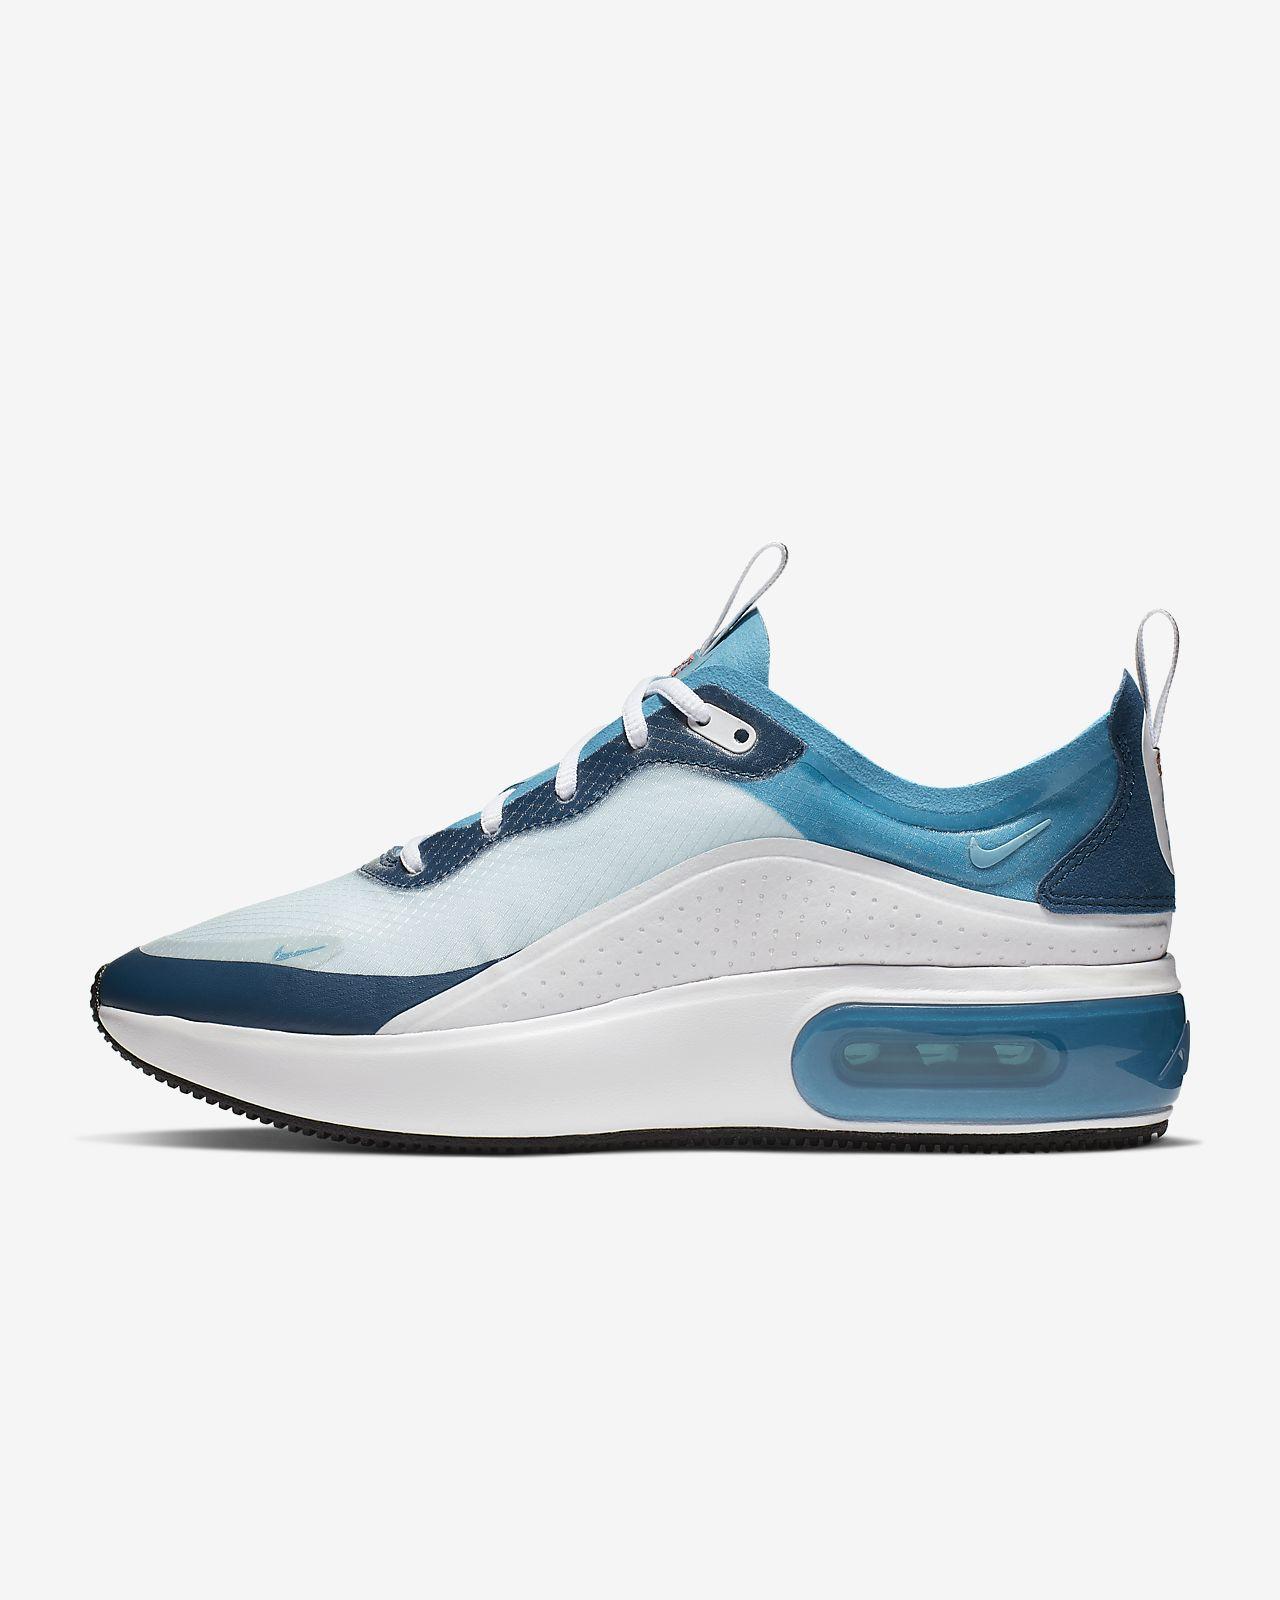 bas prix b5b81 1c9c5 Nike Air Max Dia SE Shoe